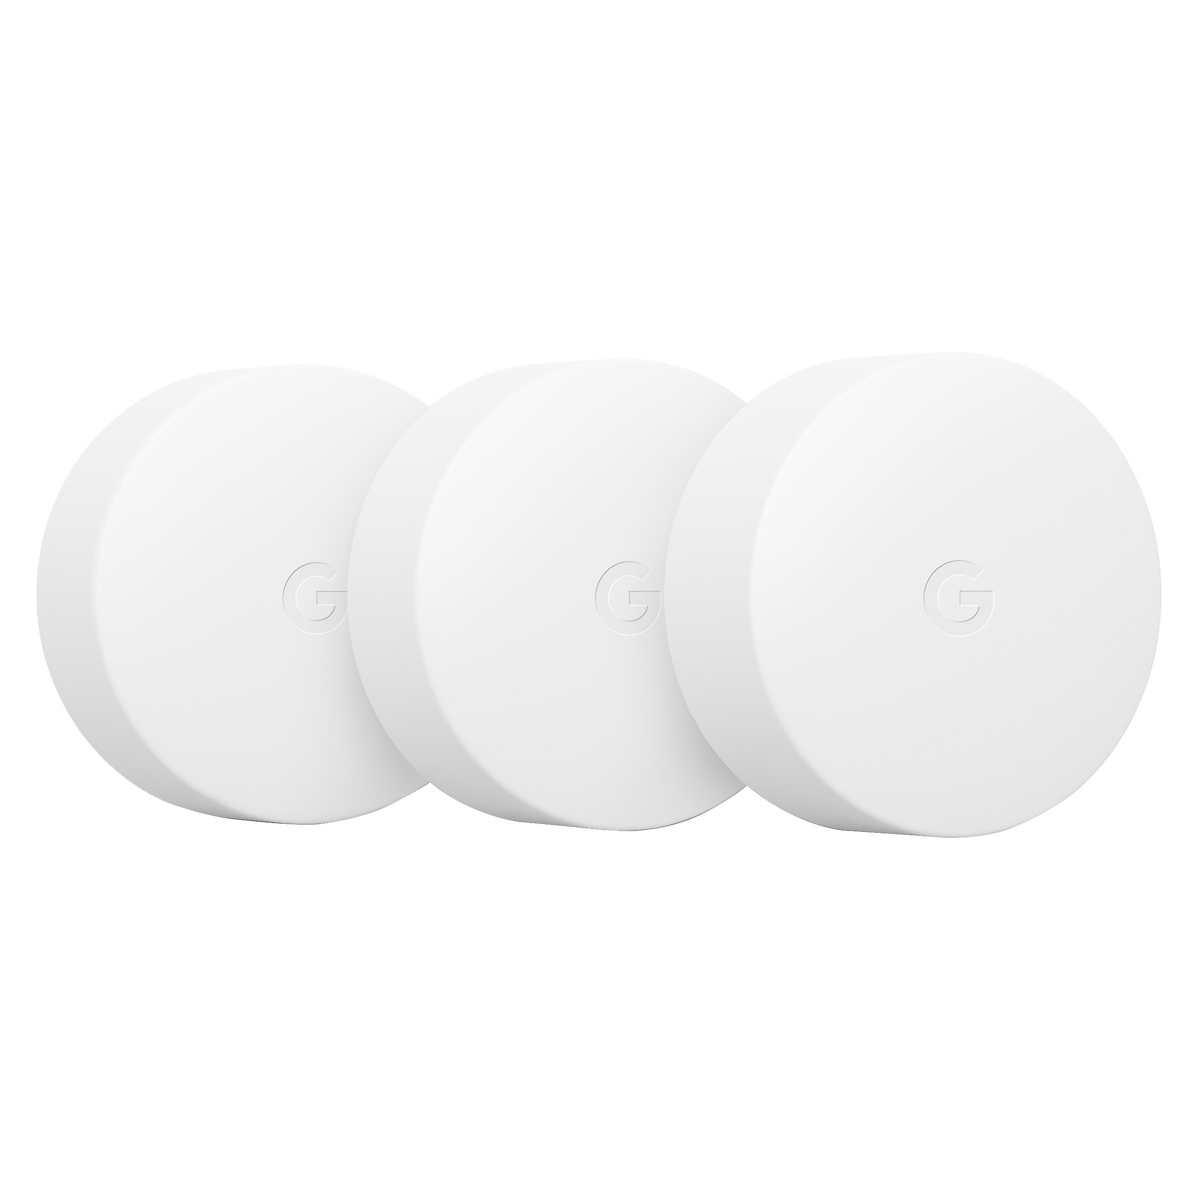 Google Nest Temperature Sensor, 3-pack